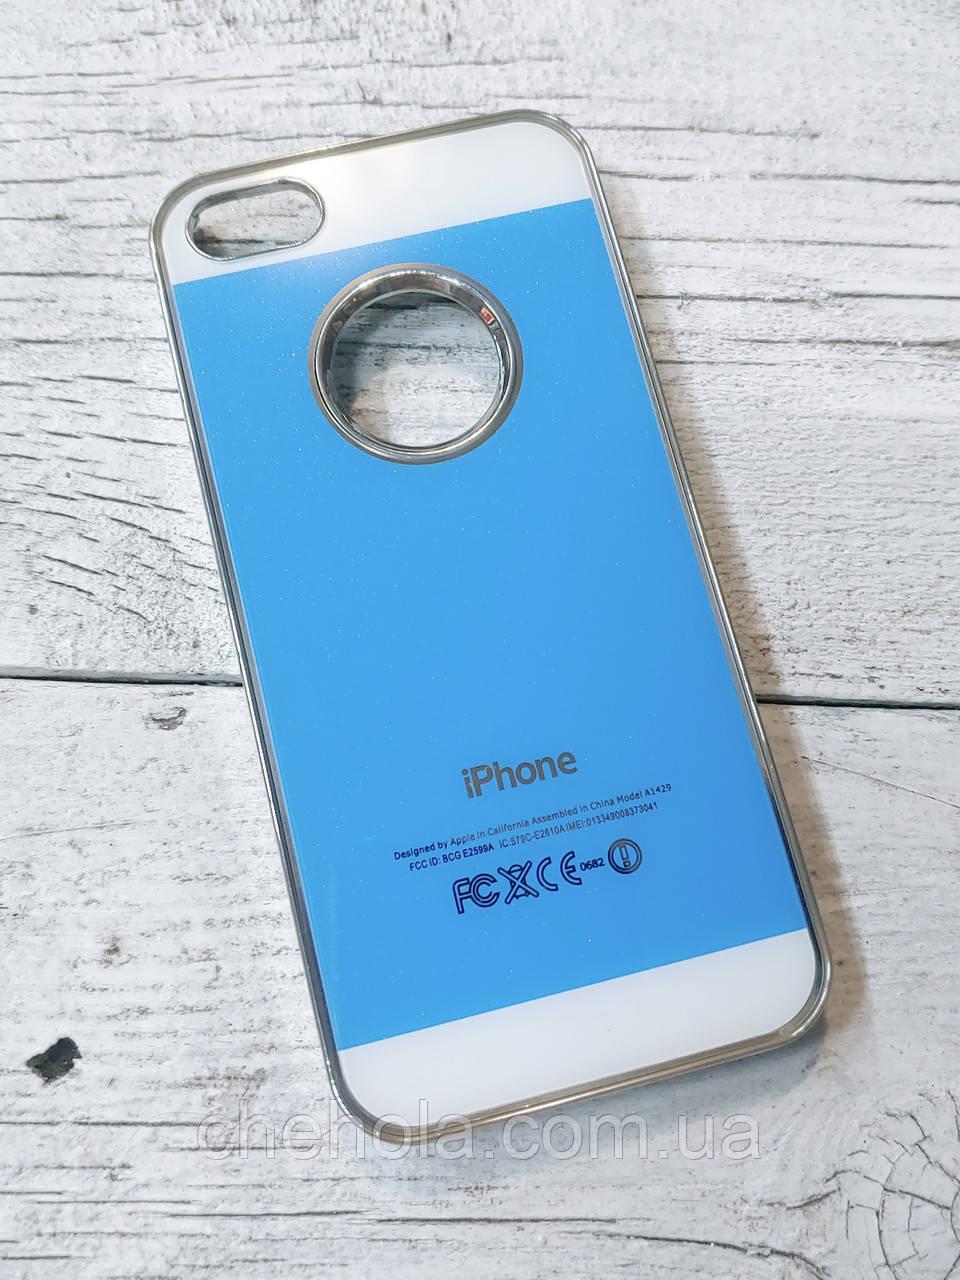 Яркий Чехол для iPhone 5 5S SE Акриловая поверхность Голубой